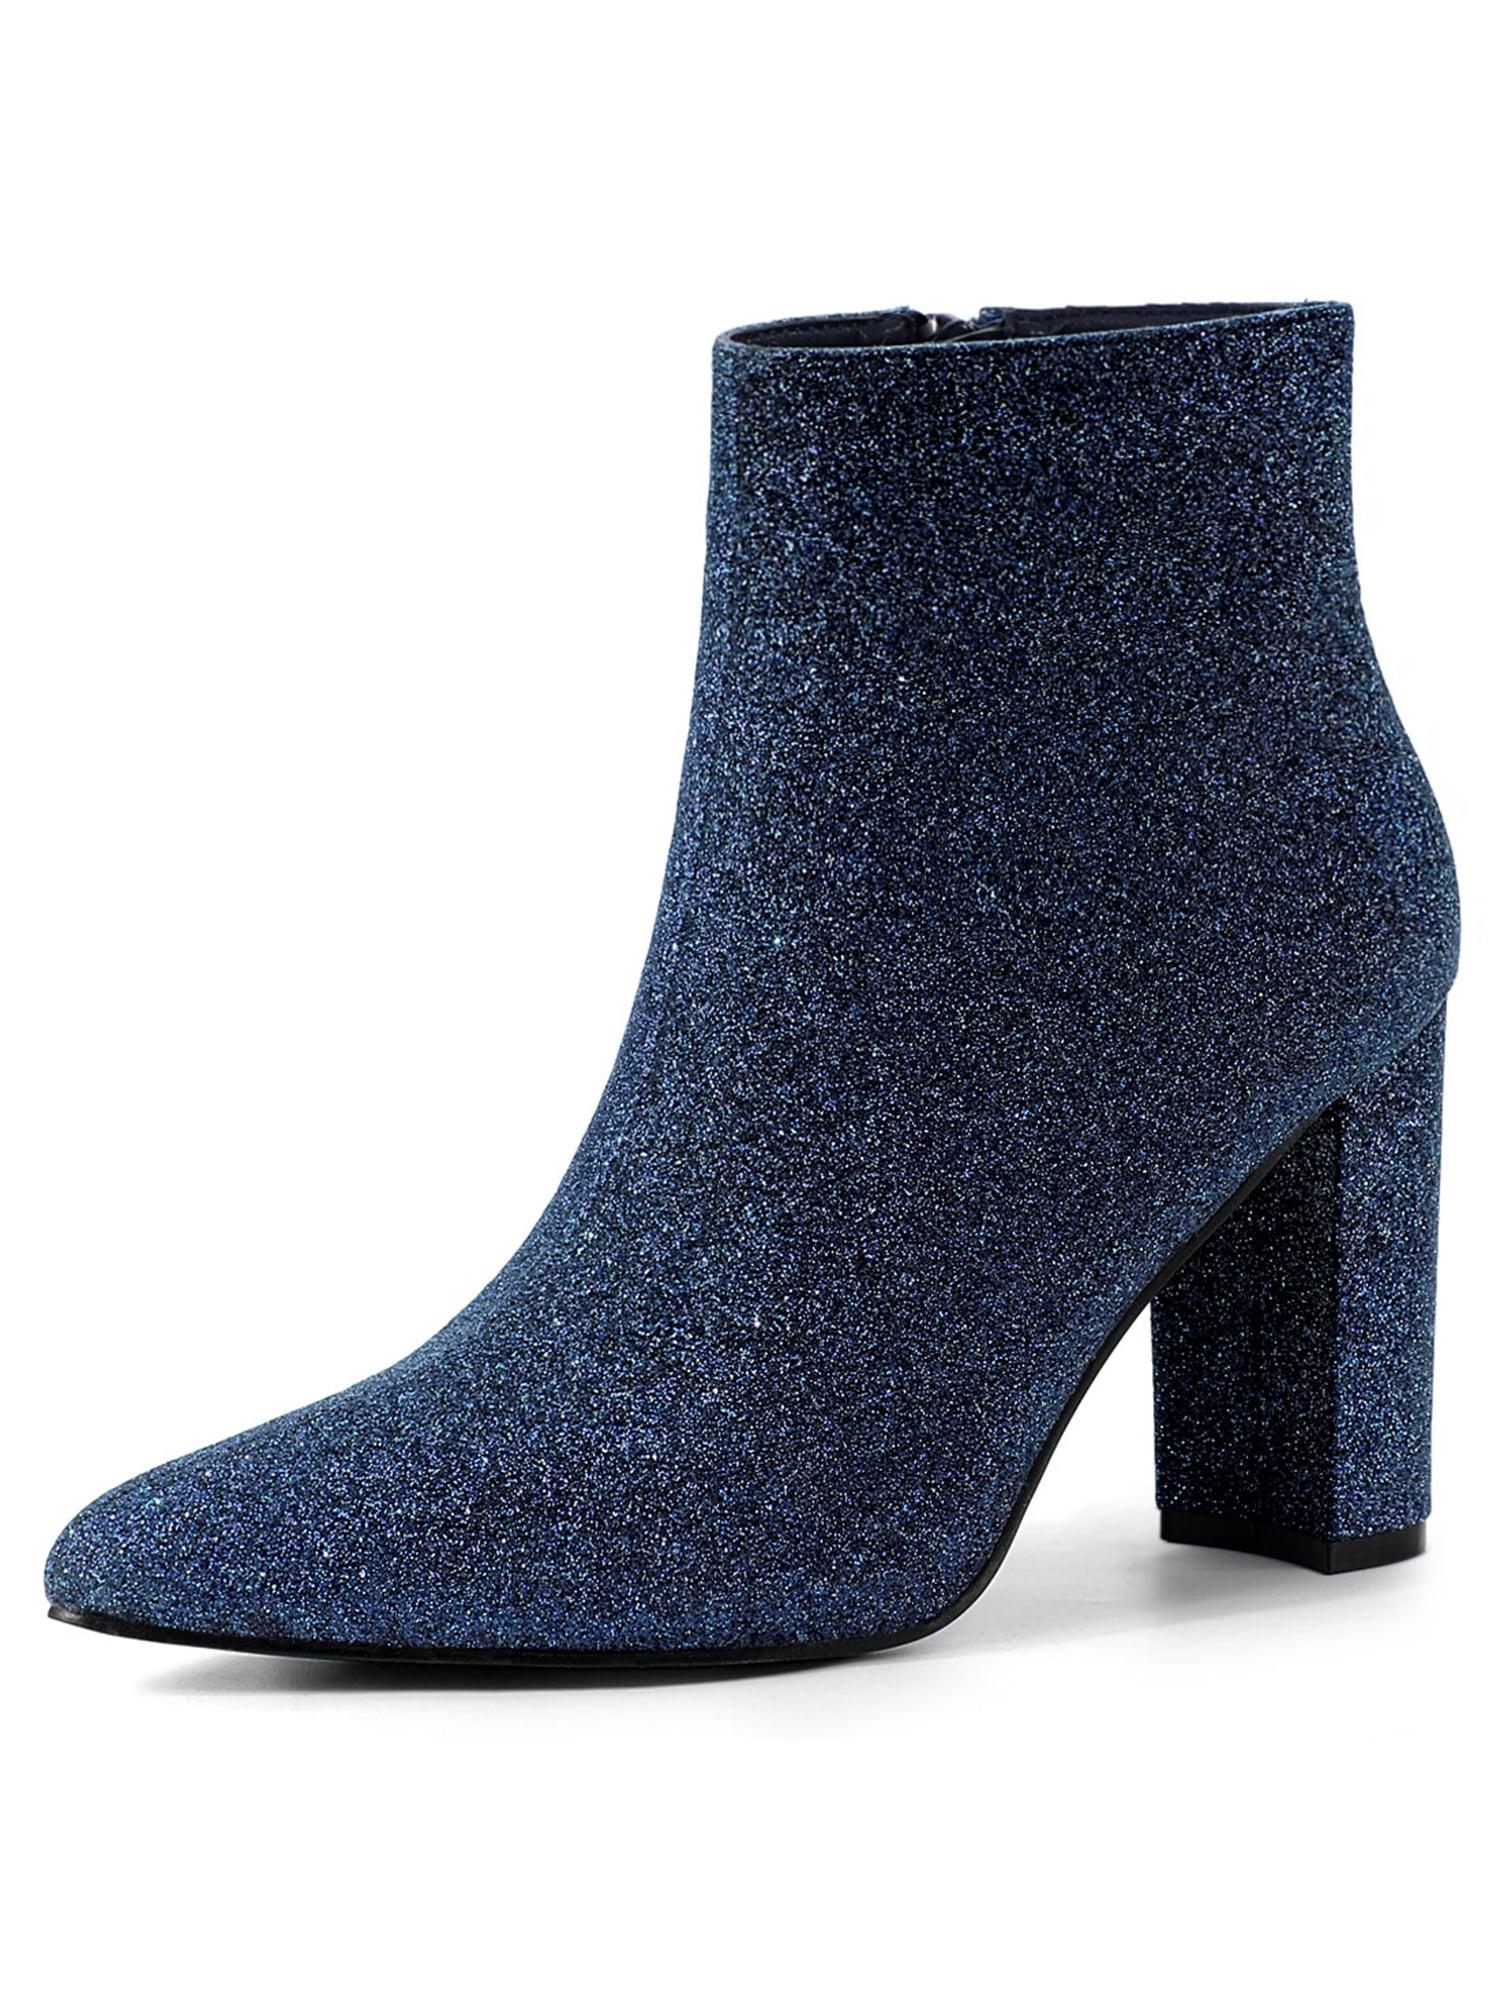 Allegra K Women's Glitter Pointed Toe